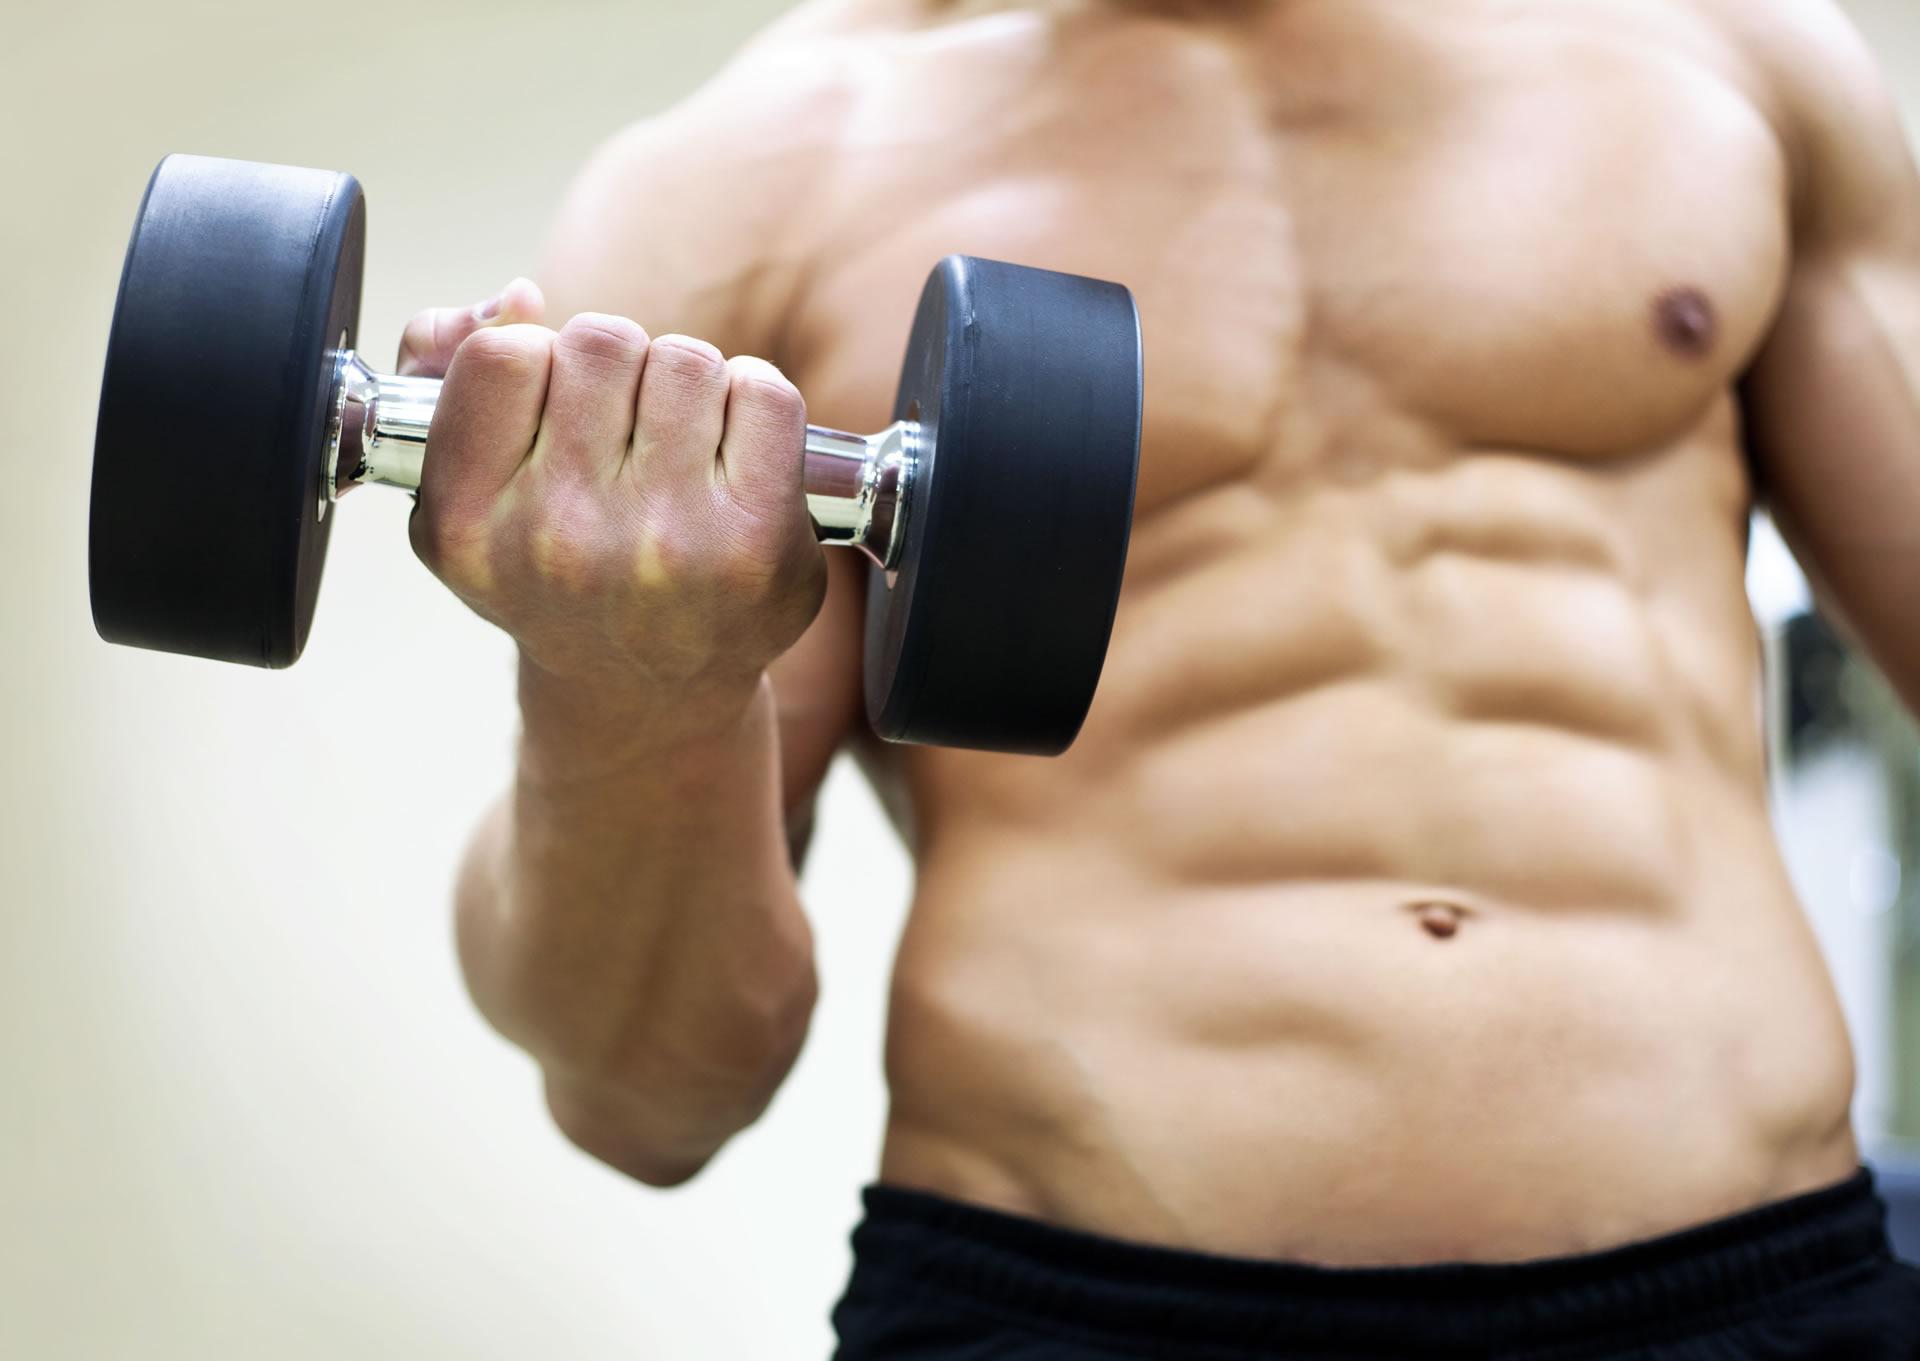 Este dieta para ganar masa muscular y perder grasa diurticos naturales pueden